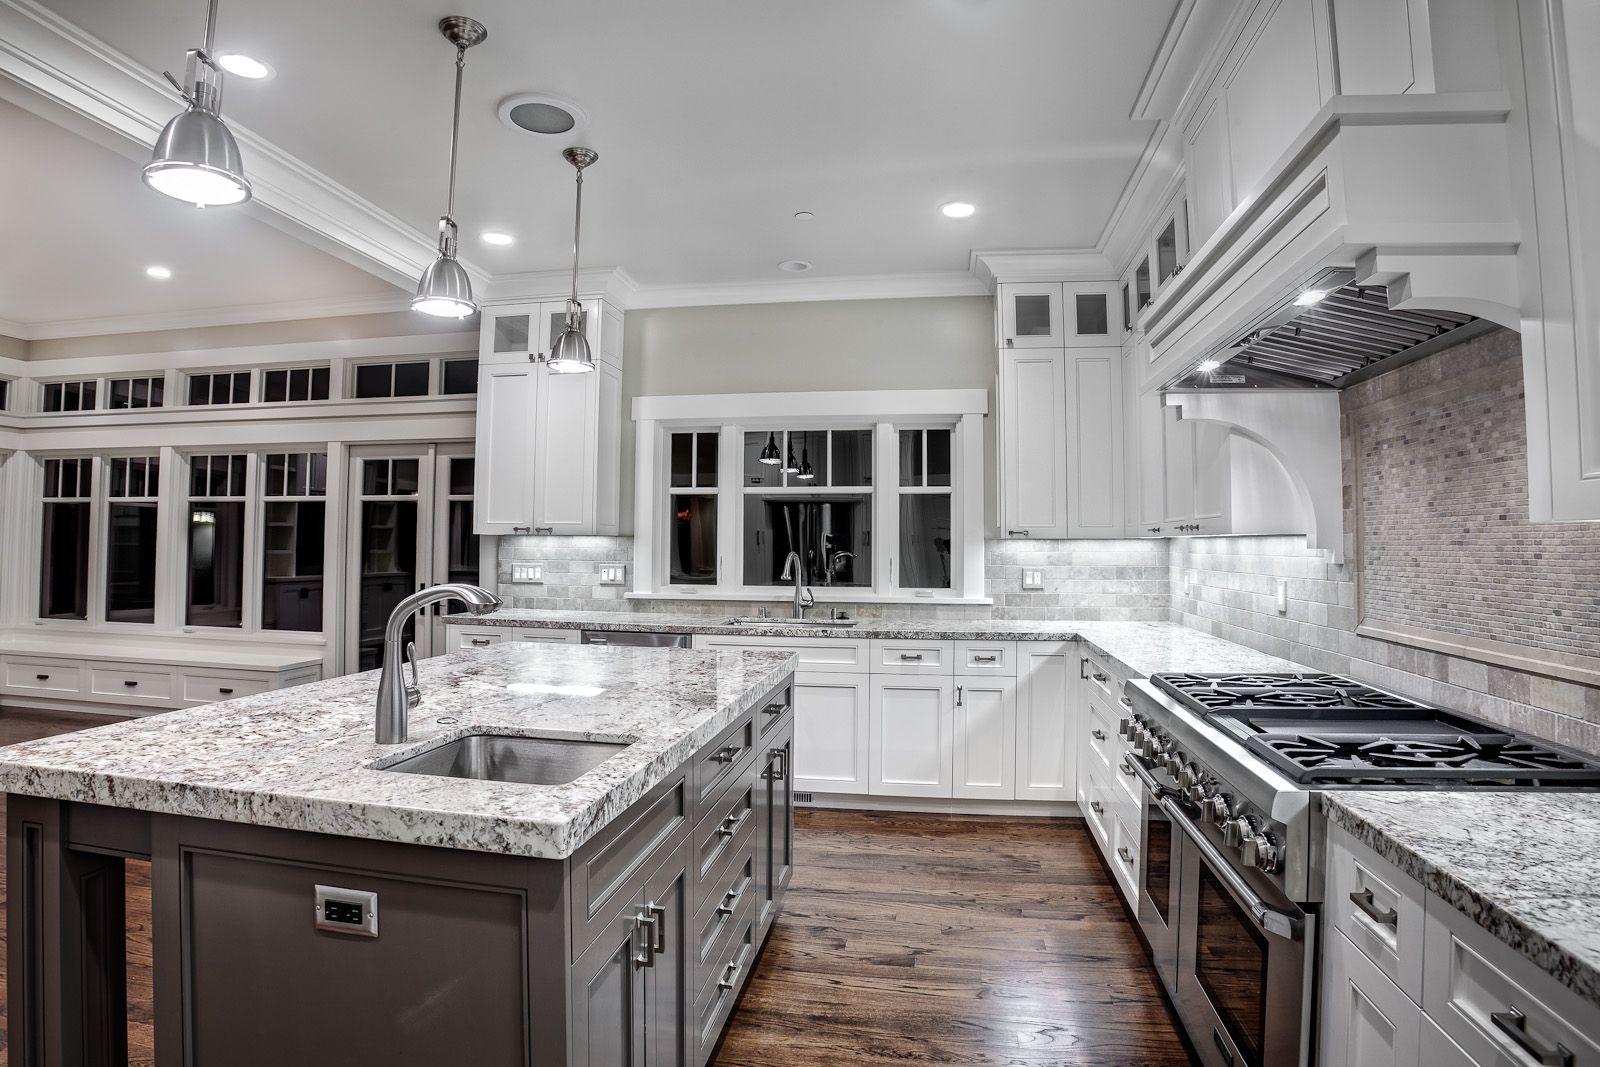 KitchenWhite Kitchen Quartz Countertops Kitchen